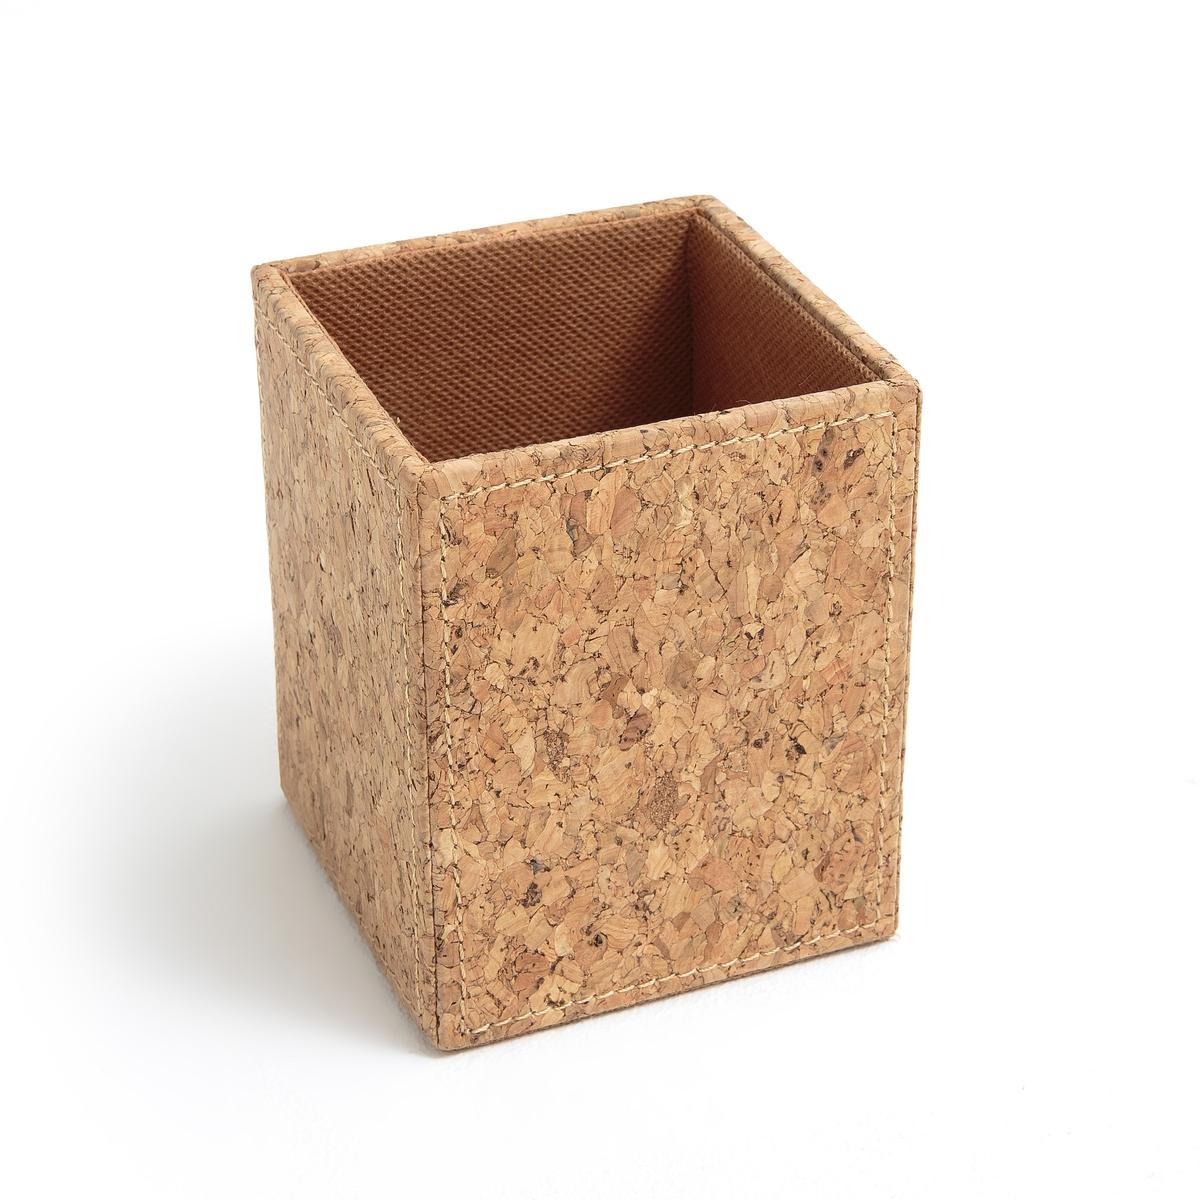 Банка для карандашей из пробкиОписание:Банка для карандашей из пробки . Необходимый аксессуар на письменном столе !Описание банки для карандашей  : Банка из пробкиКаркас из картона Подкладка из полиэстера Размеры :H10,5 x 8,5 x 8,5 см Расцветка : Натуральная Размеры и вес упаковки :11 x 11 x H13 см 400 г<br><br>Цвет: серо-бежевый<br>Размер: единый размер